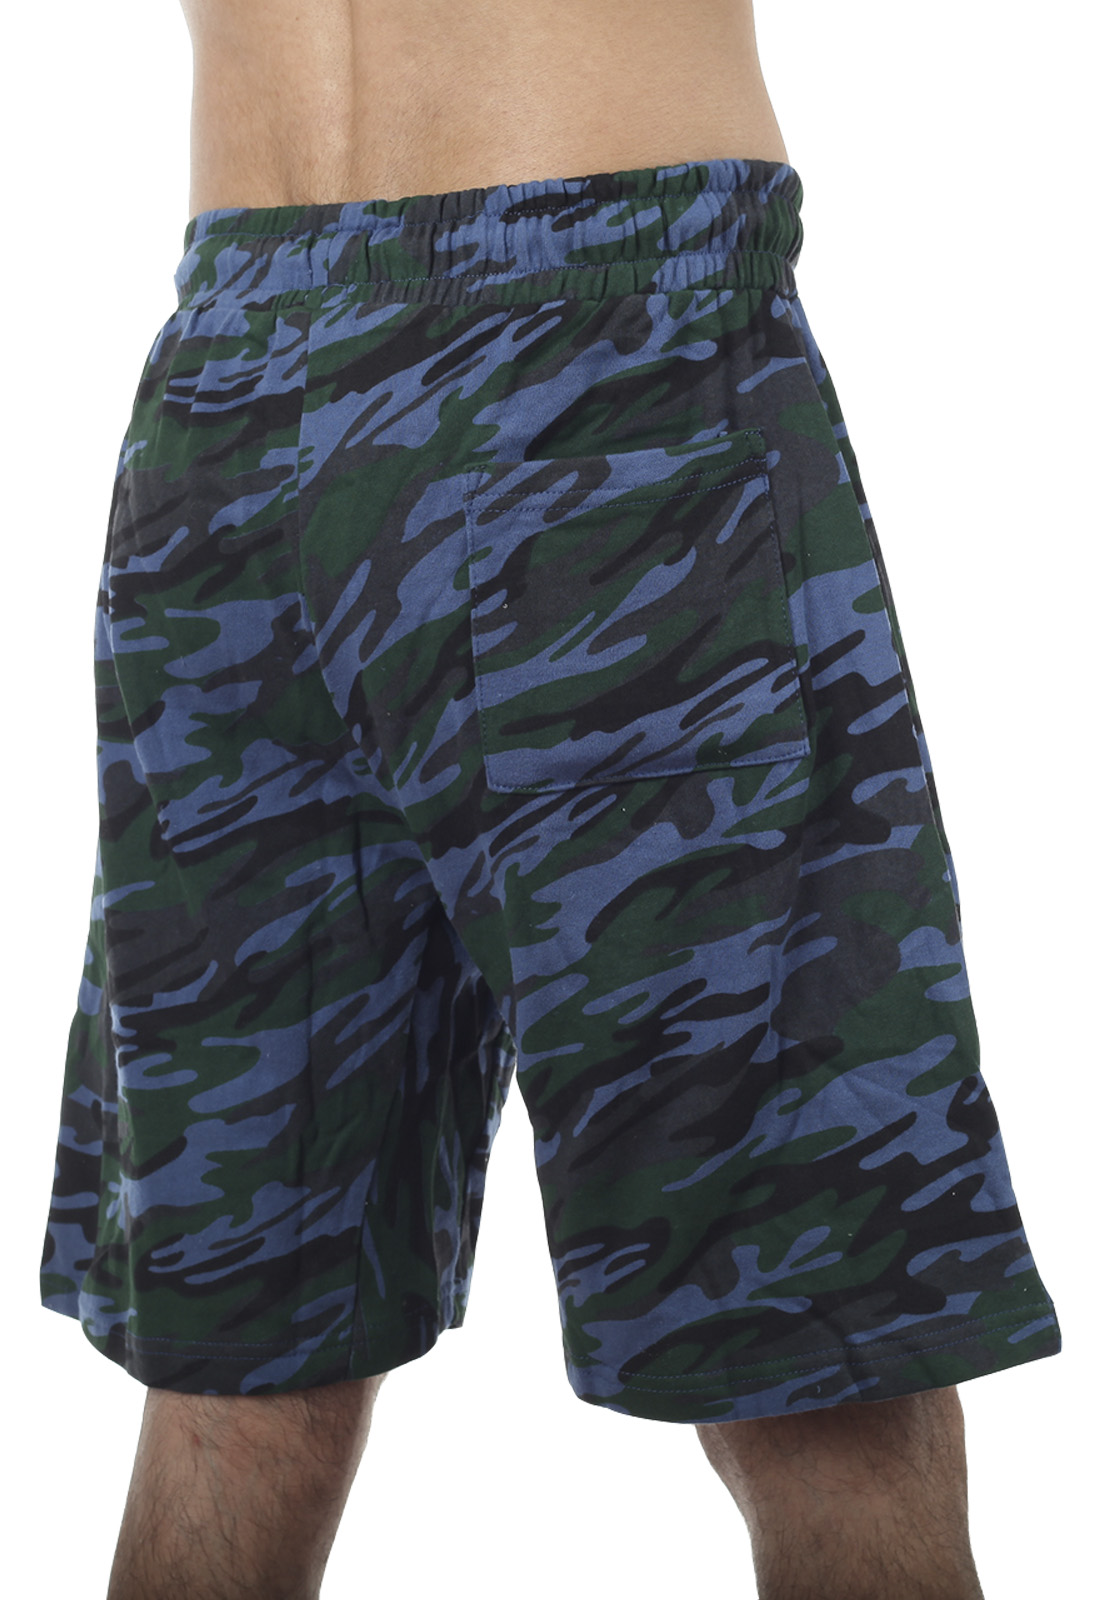 Купить в интернет магазине шорты камуфляж для мужчин